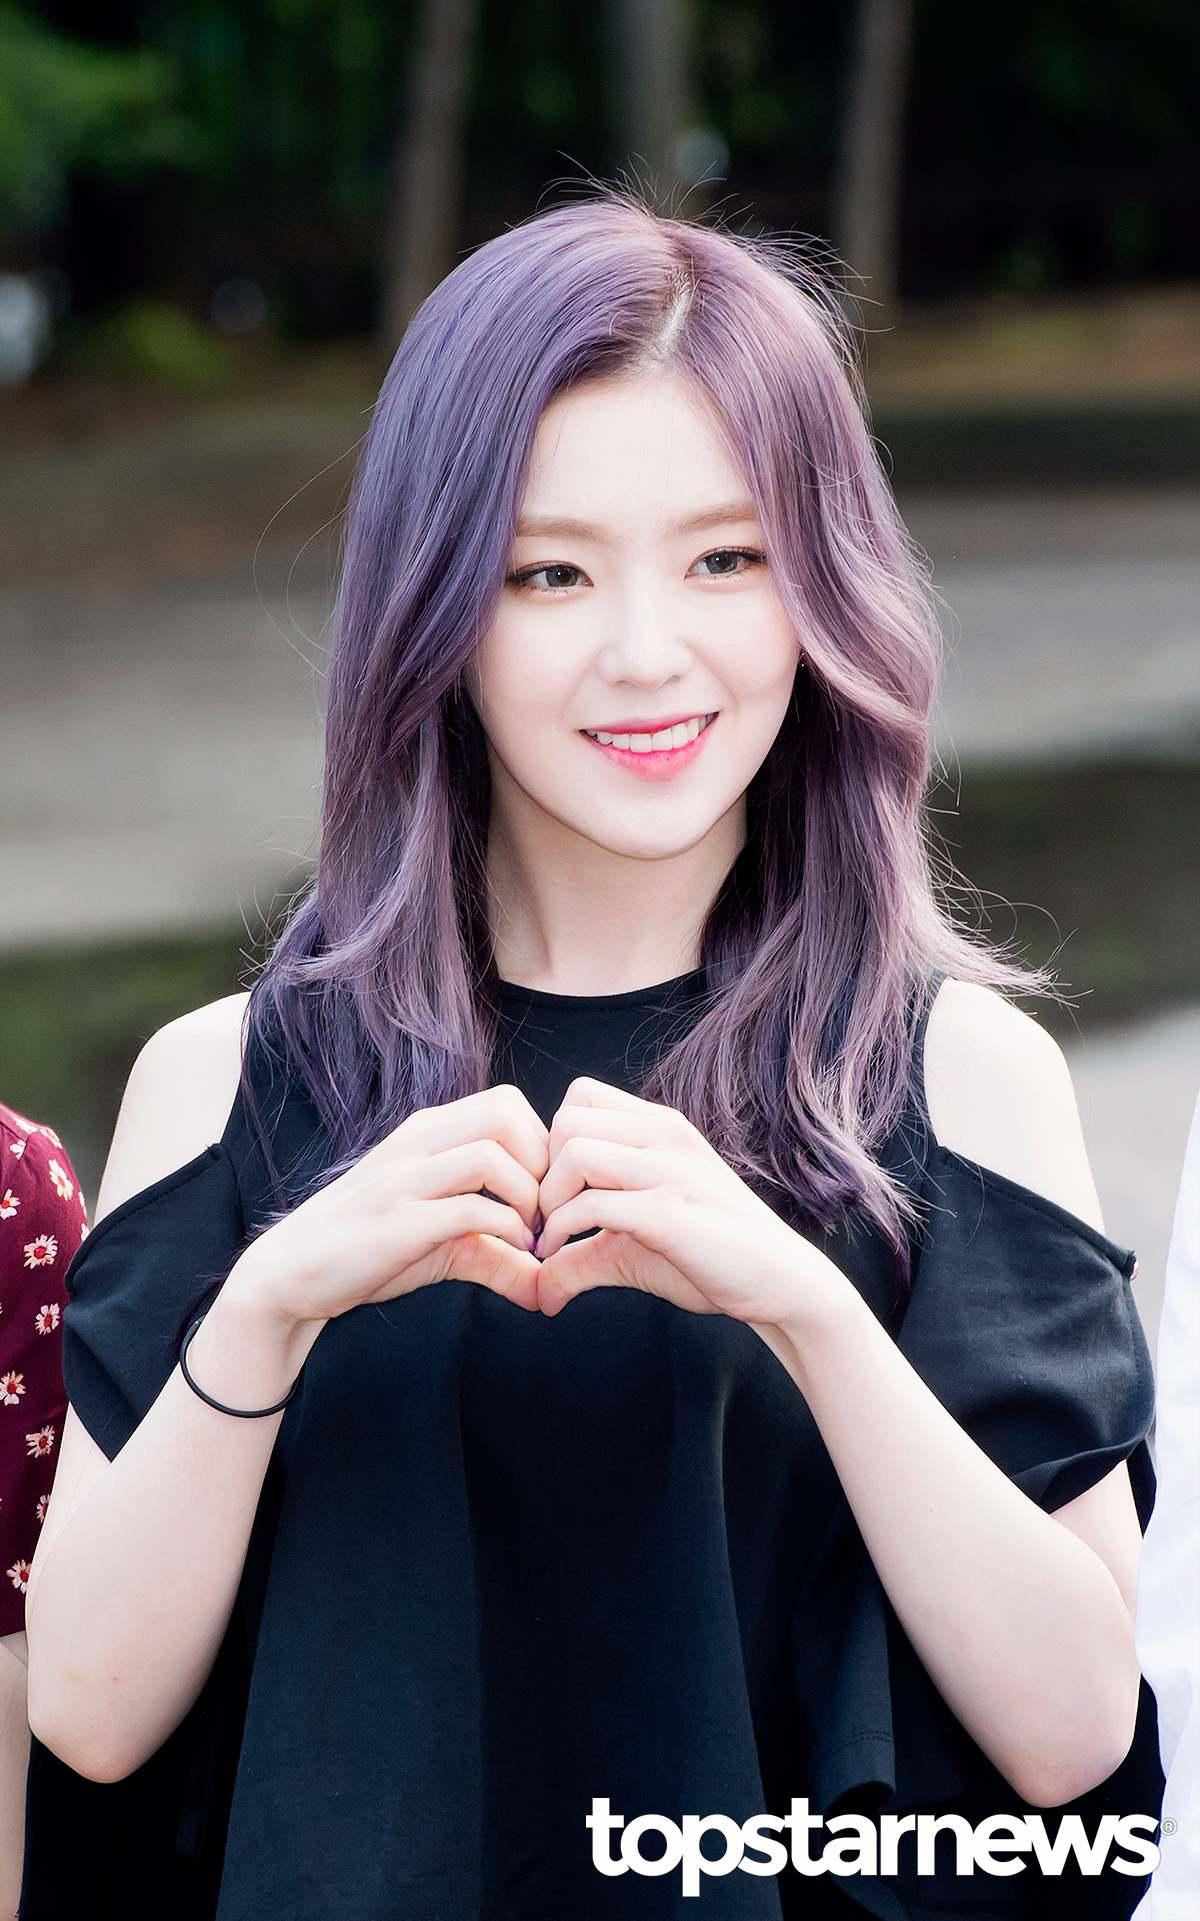 不愧是大邱臉讚出身啊!這次回歸后的Irene真的是美到窒息,更是被韓國網友稱讚是「喚醒早上的美貌 」~~~